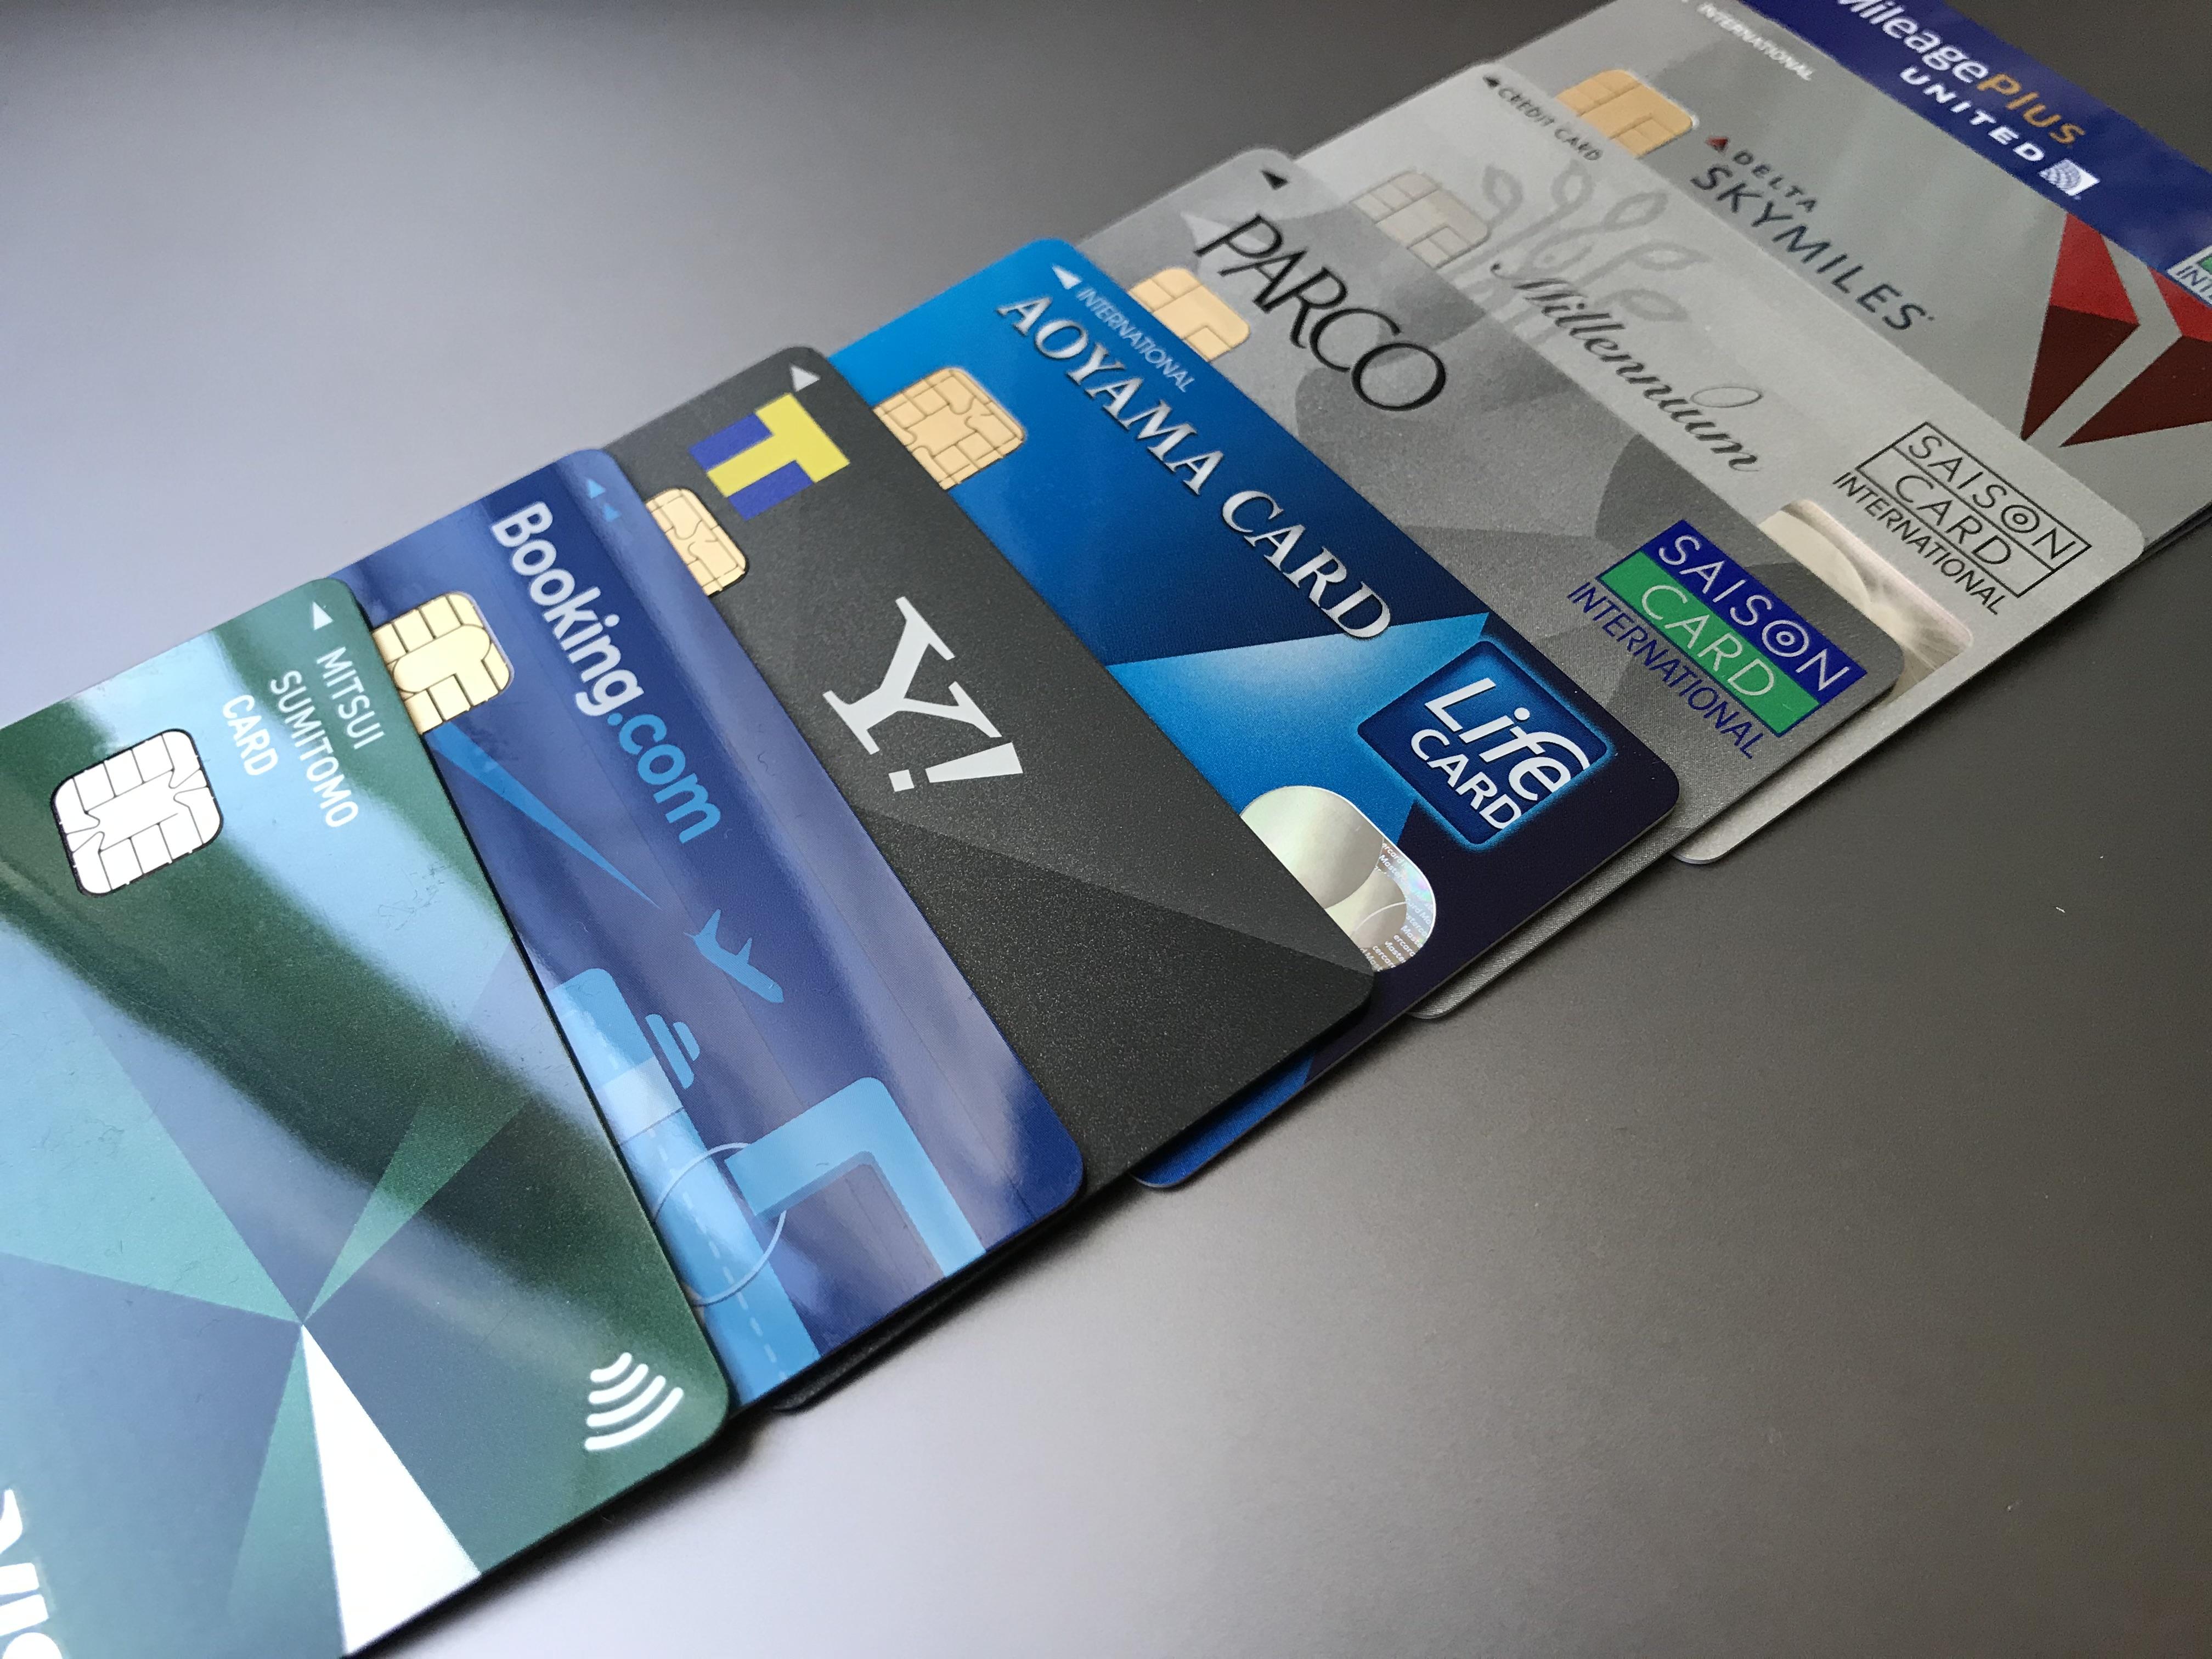 クレジットカード多重申し込みは危険?6日間で14枚発券しようとした結果